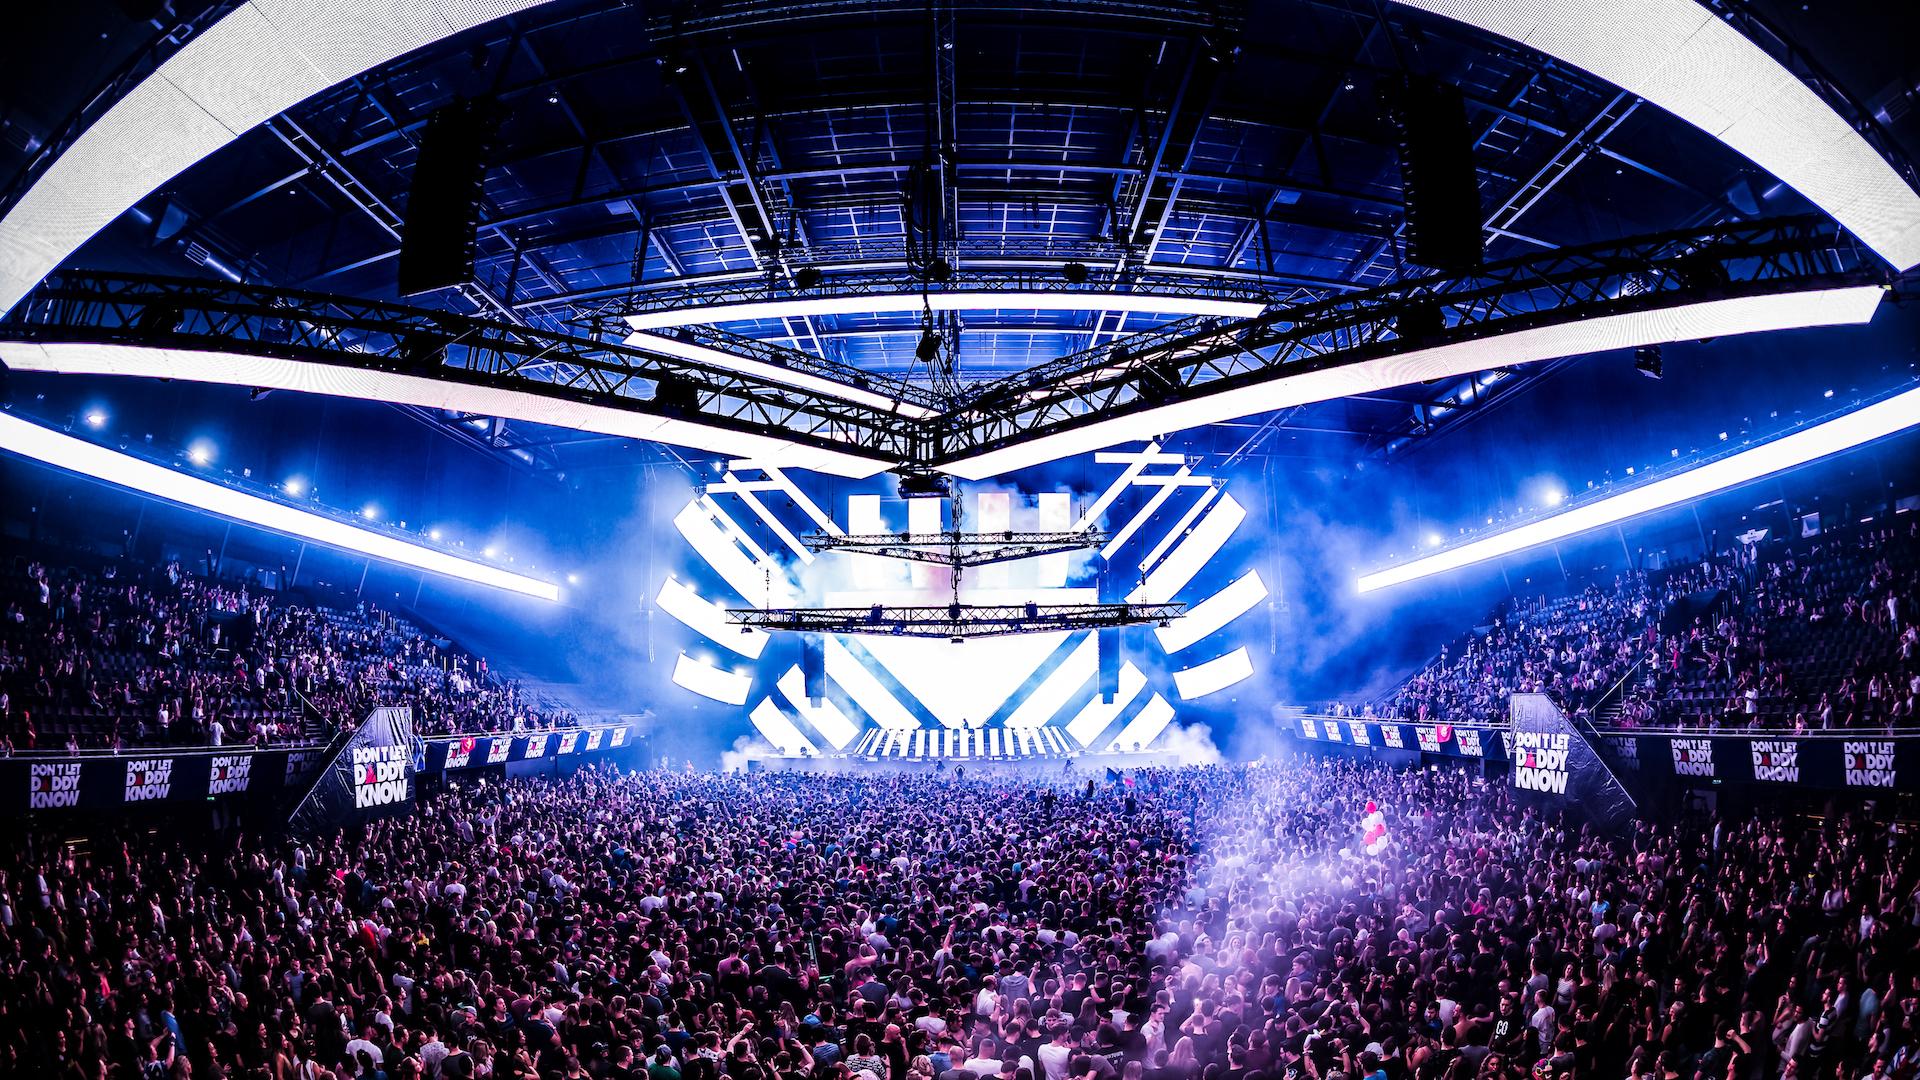 Tiësto I Don Diablo Wracają Do Polski Holendrzy Headlinerami Polskiej Edycji Don T Let Daddy Know Shining Beats